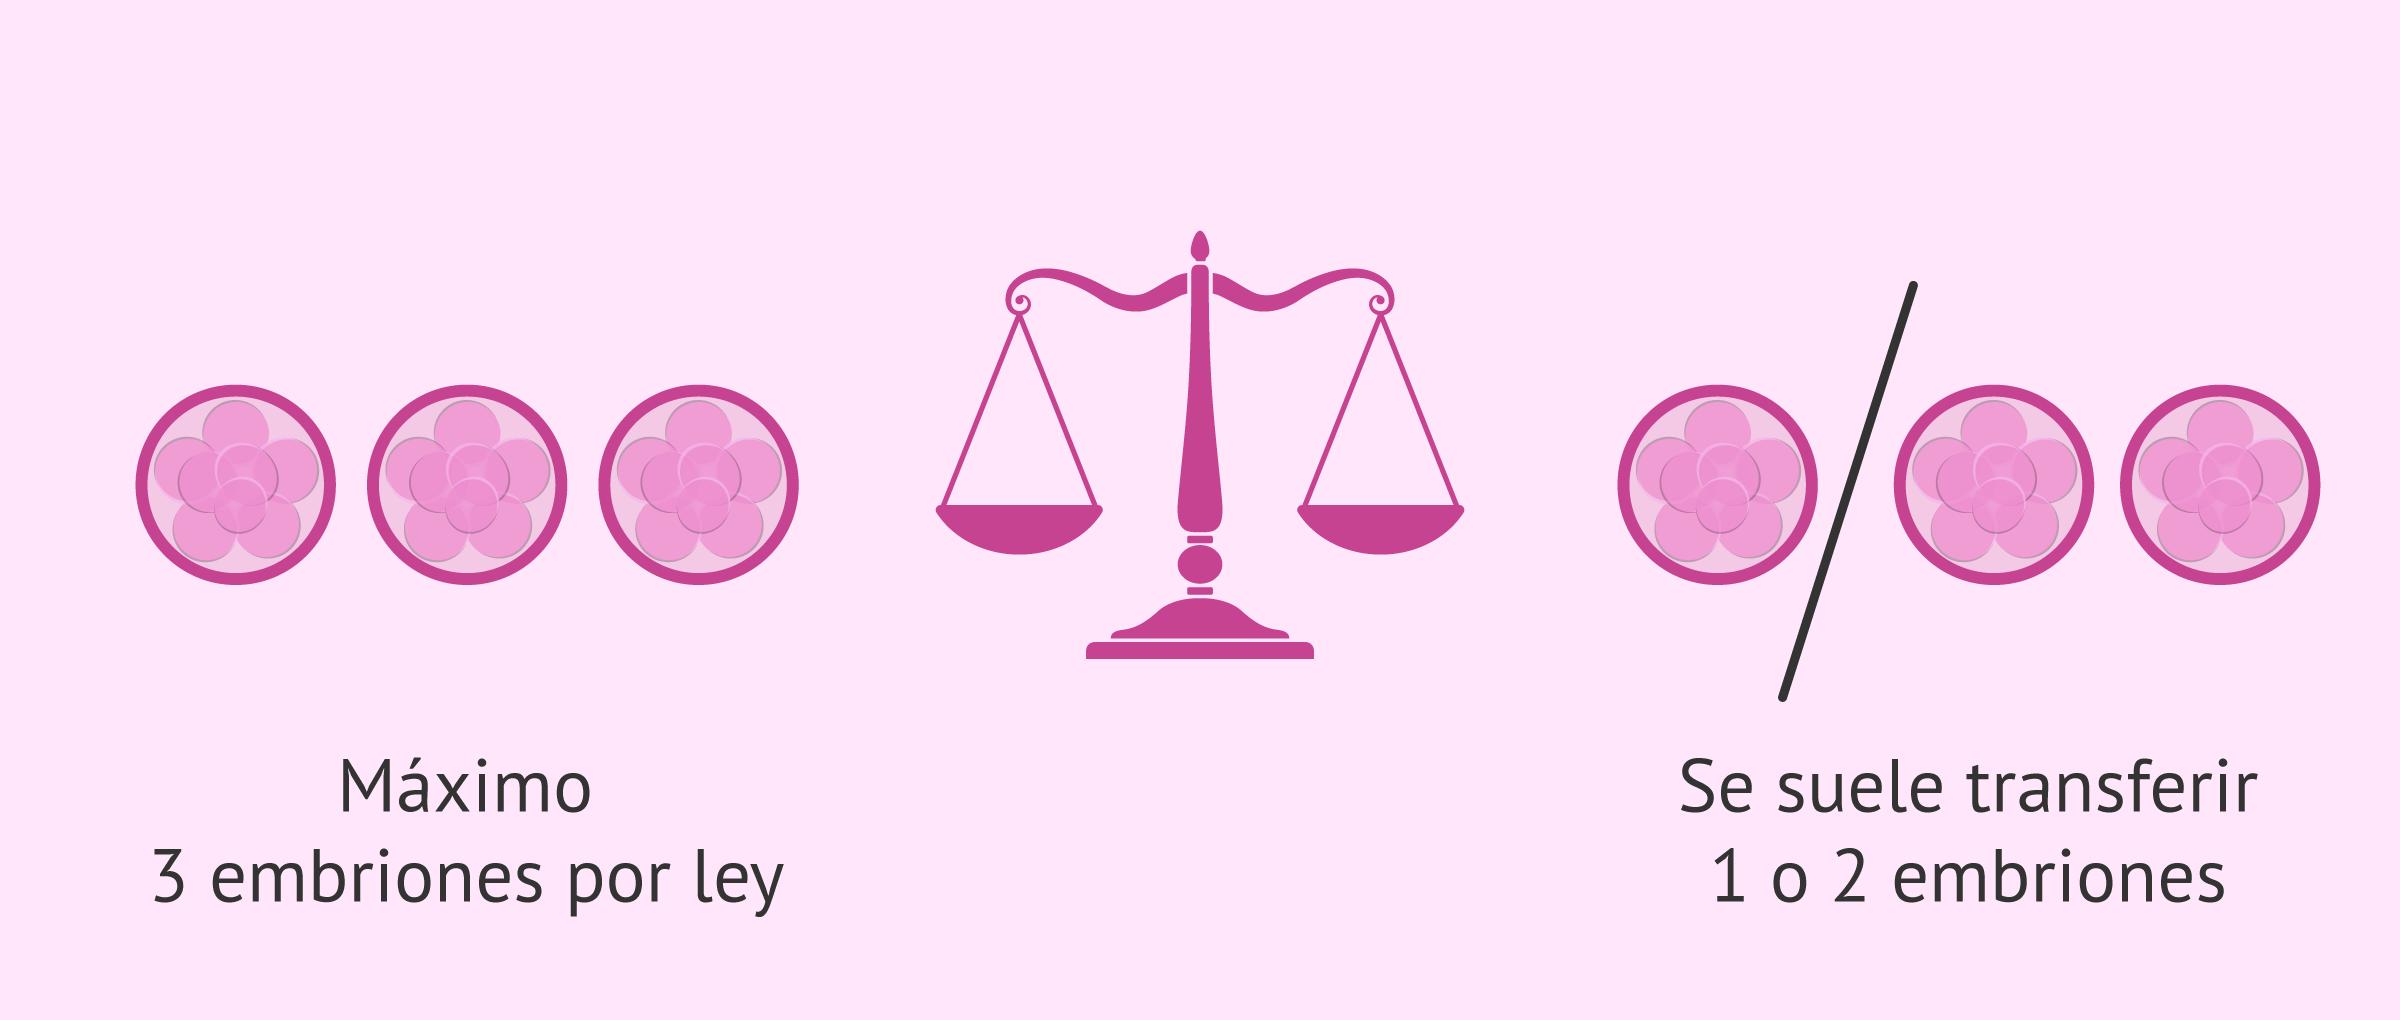 ¿Cuántos embriones se transfieren por ley?